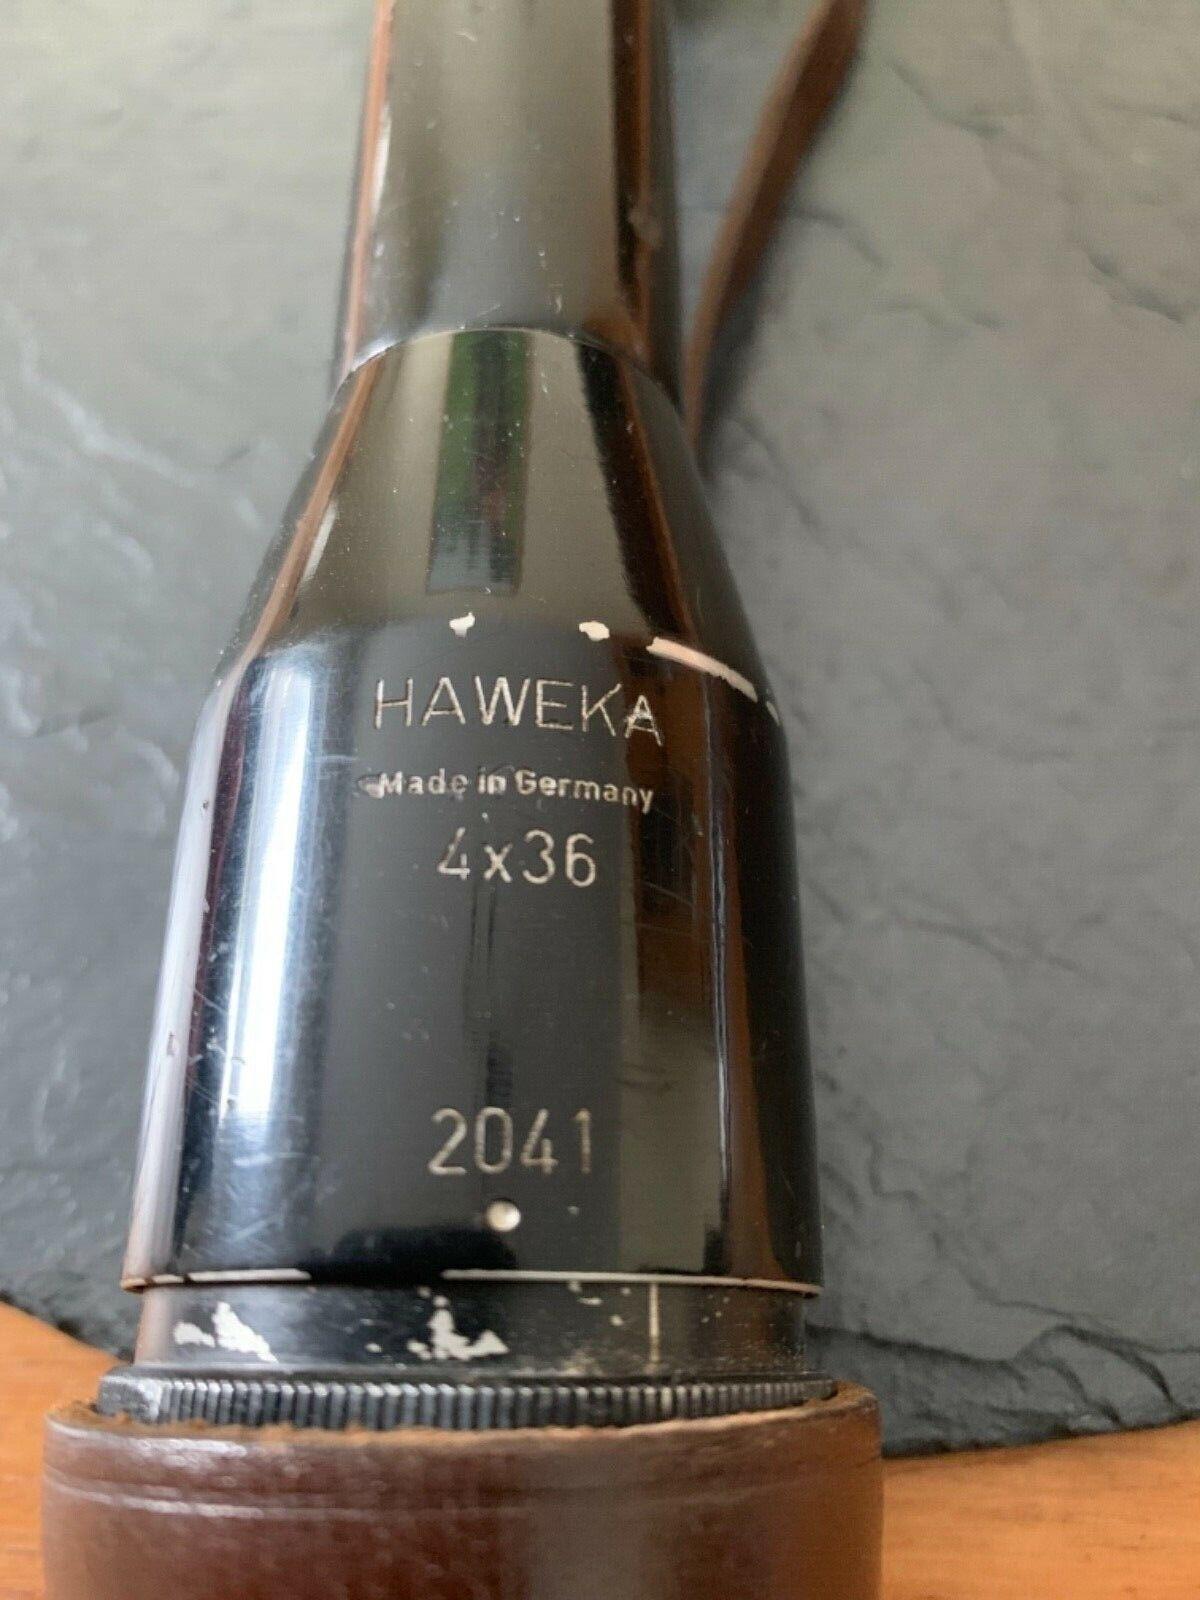 De alta calidad telescópica  Haweka  4x36 made in Germany con cuero tapas de projoección